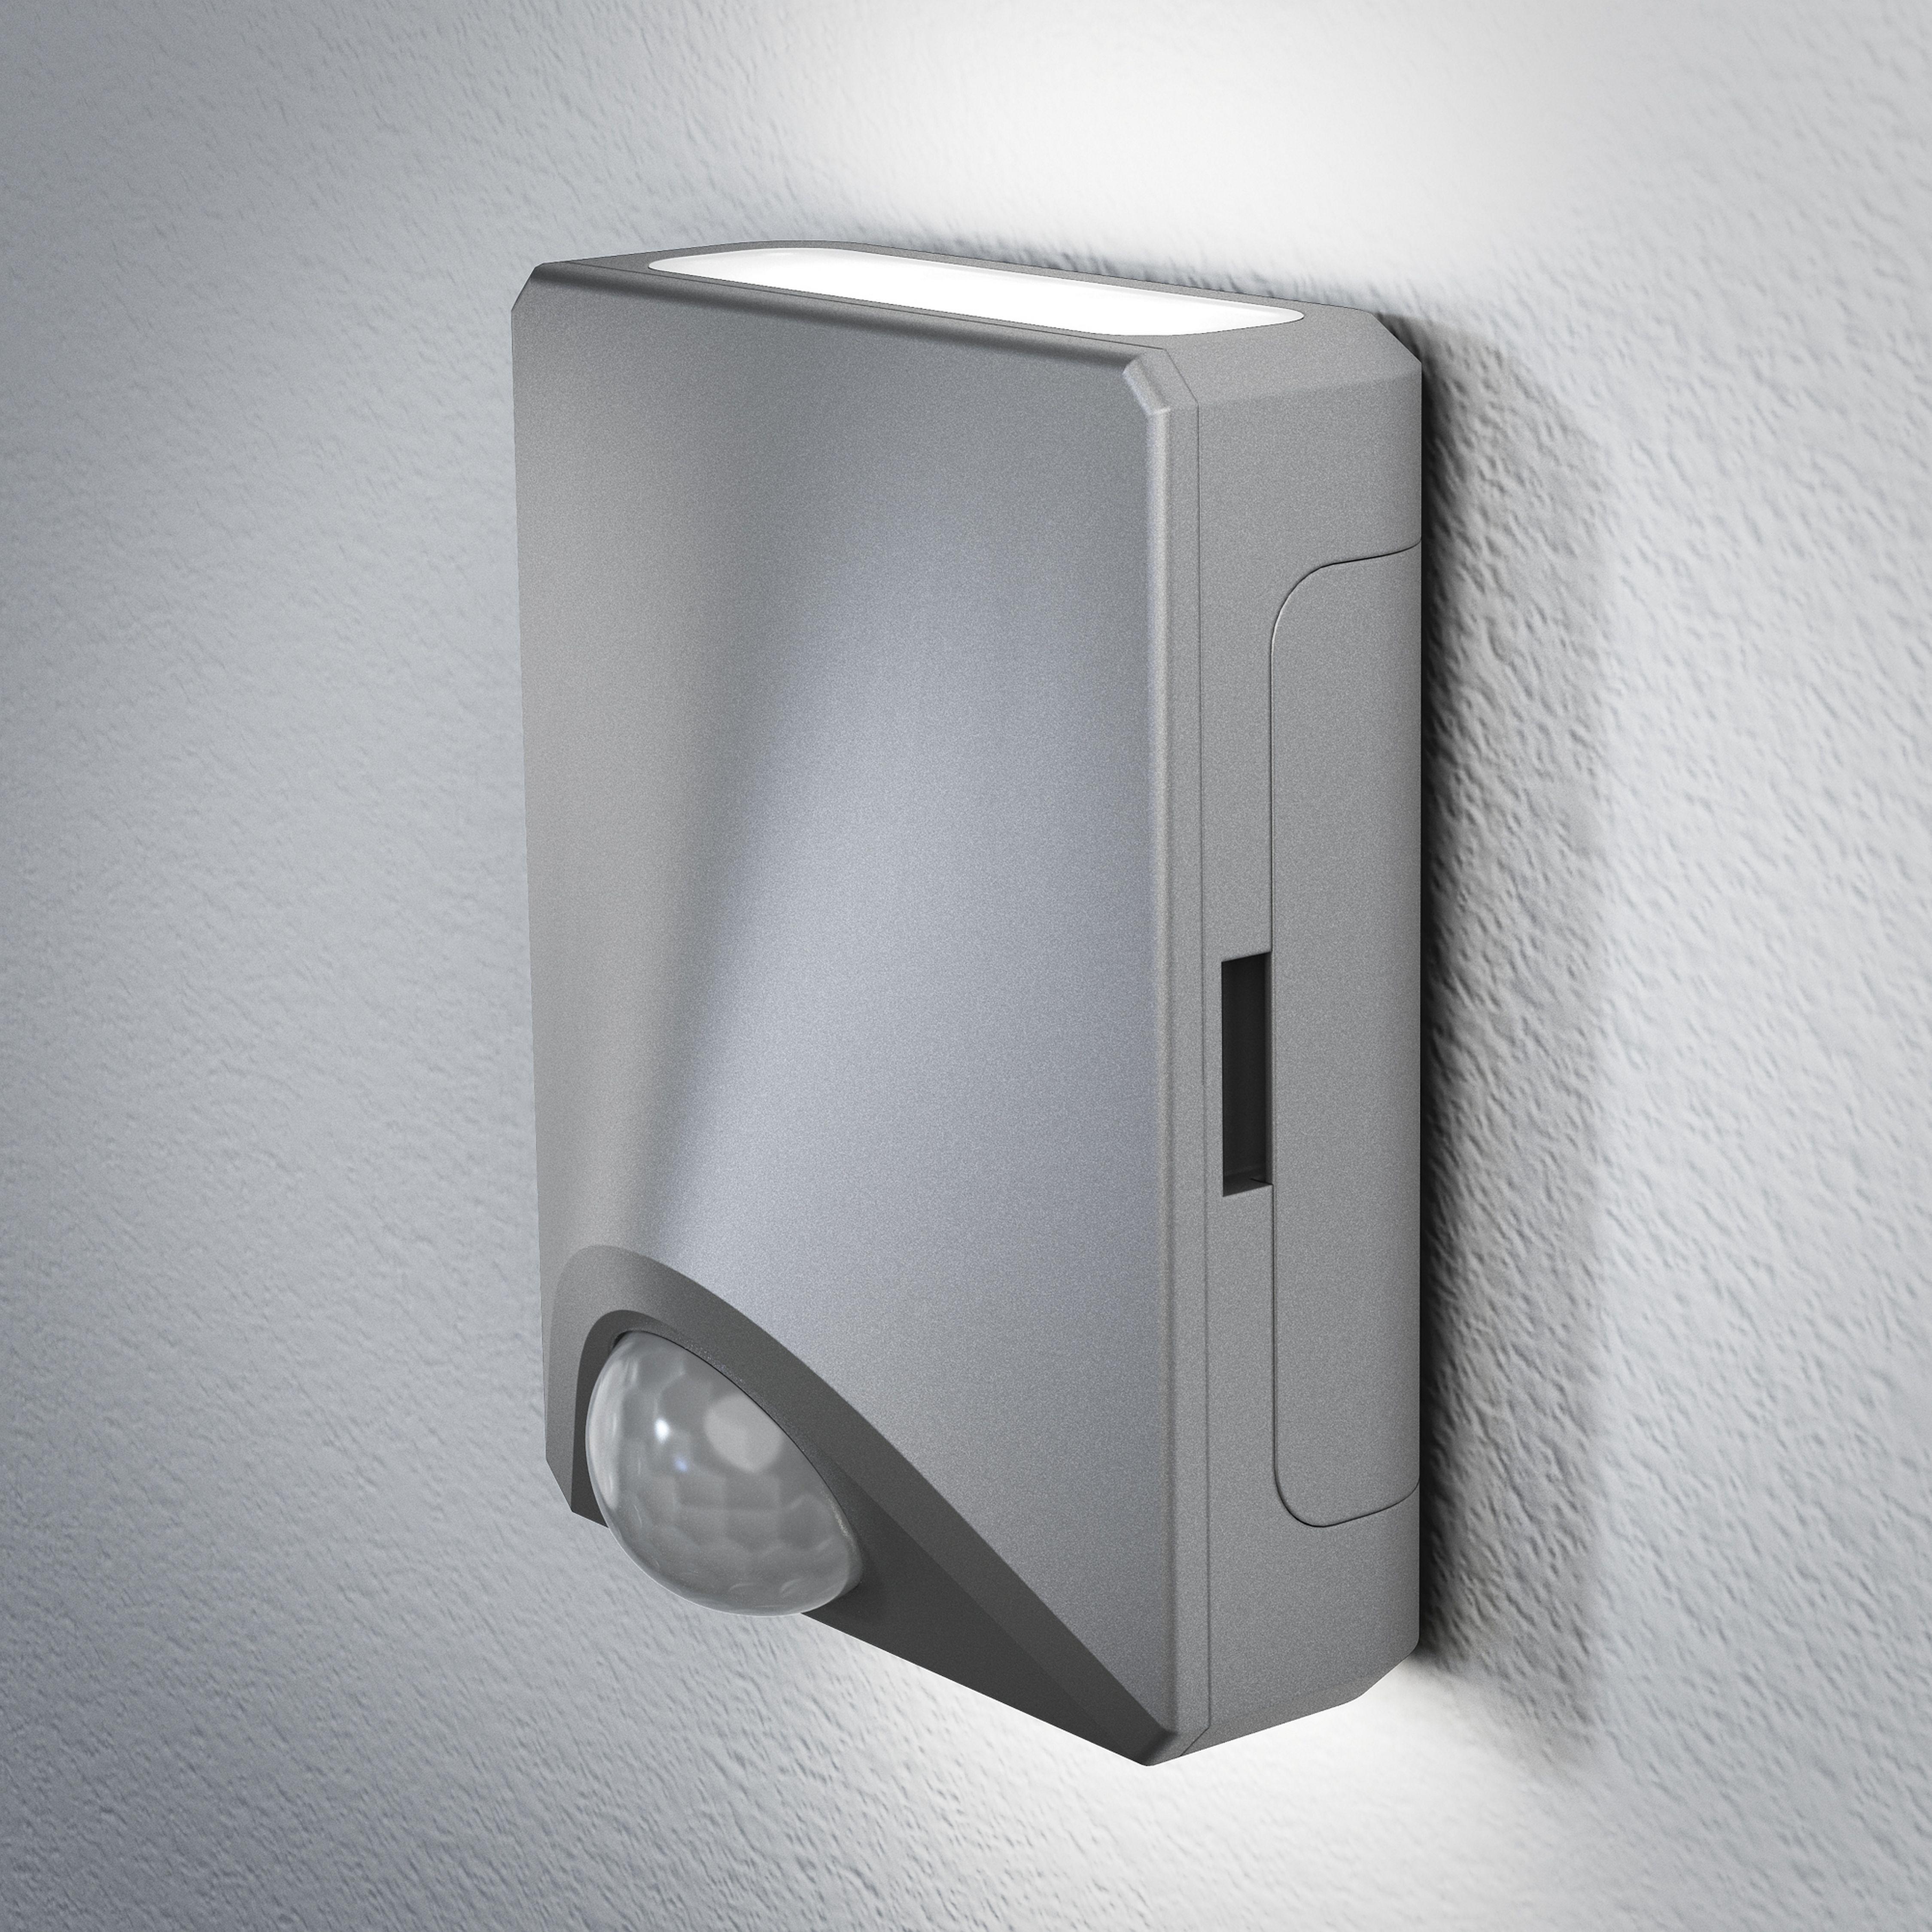 Osram Batteriebetriebenes LED Sicherheits- und Nachtlicht »DoorLED Down« | Lampen > Kinderzimmerlampen | Dunkel | Abs | Osram